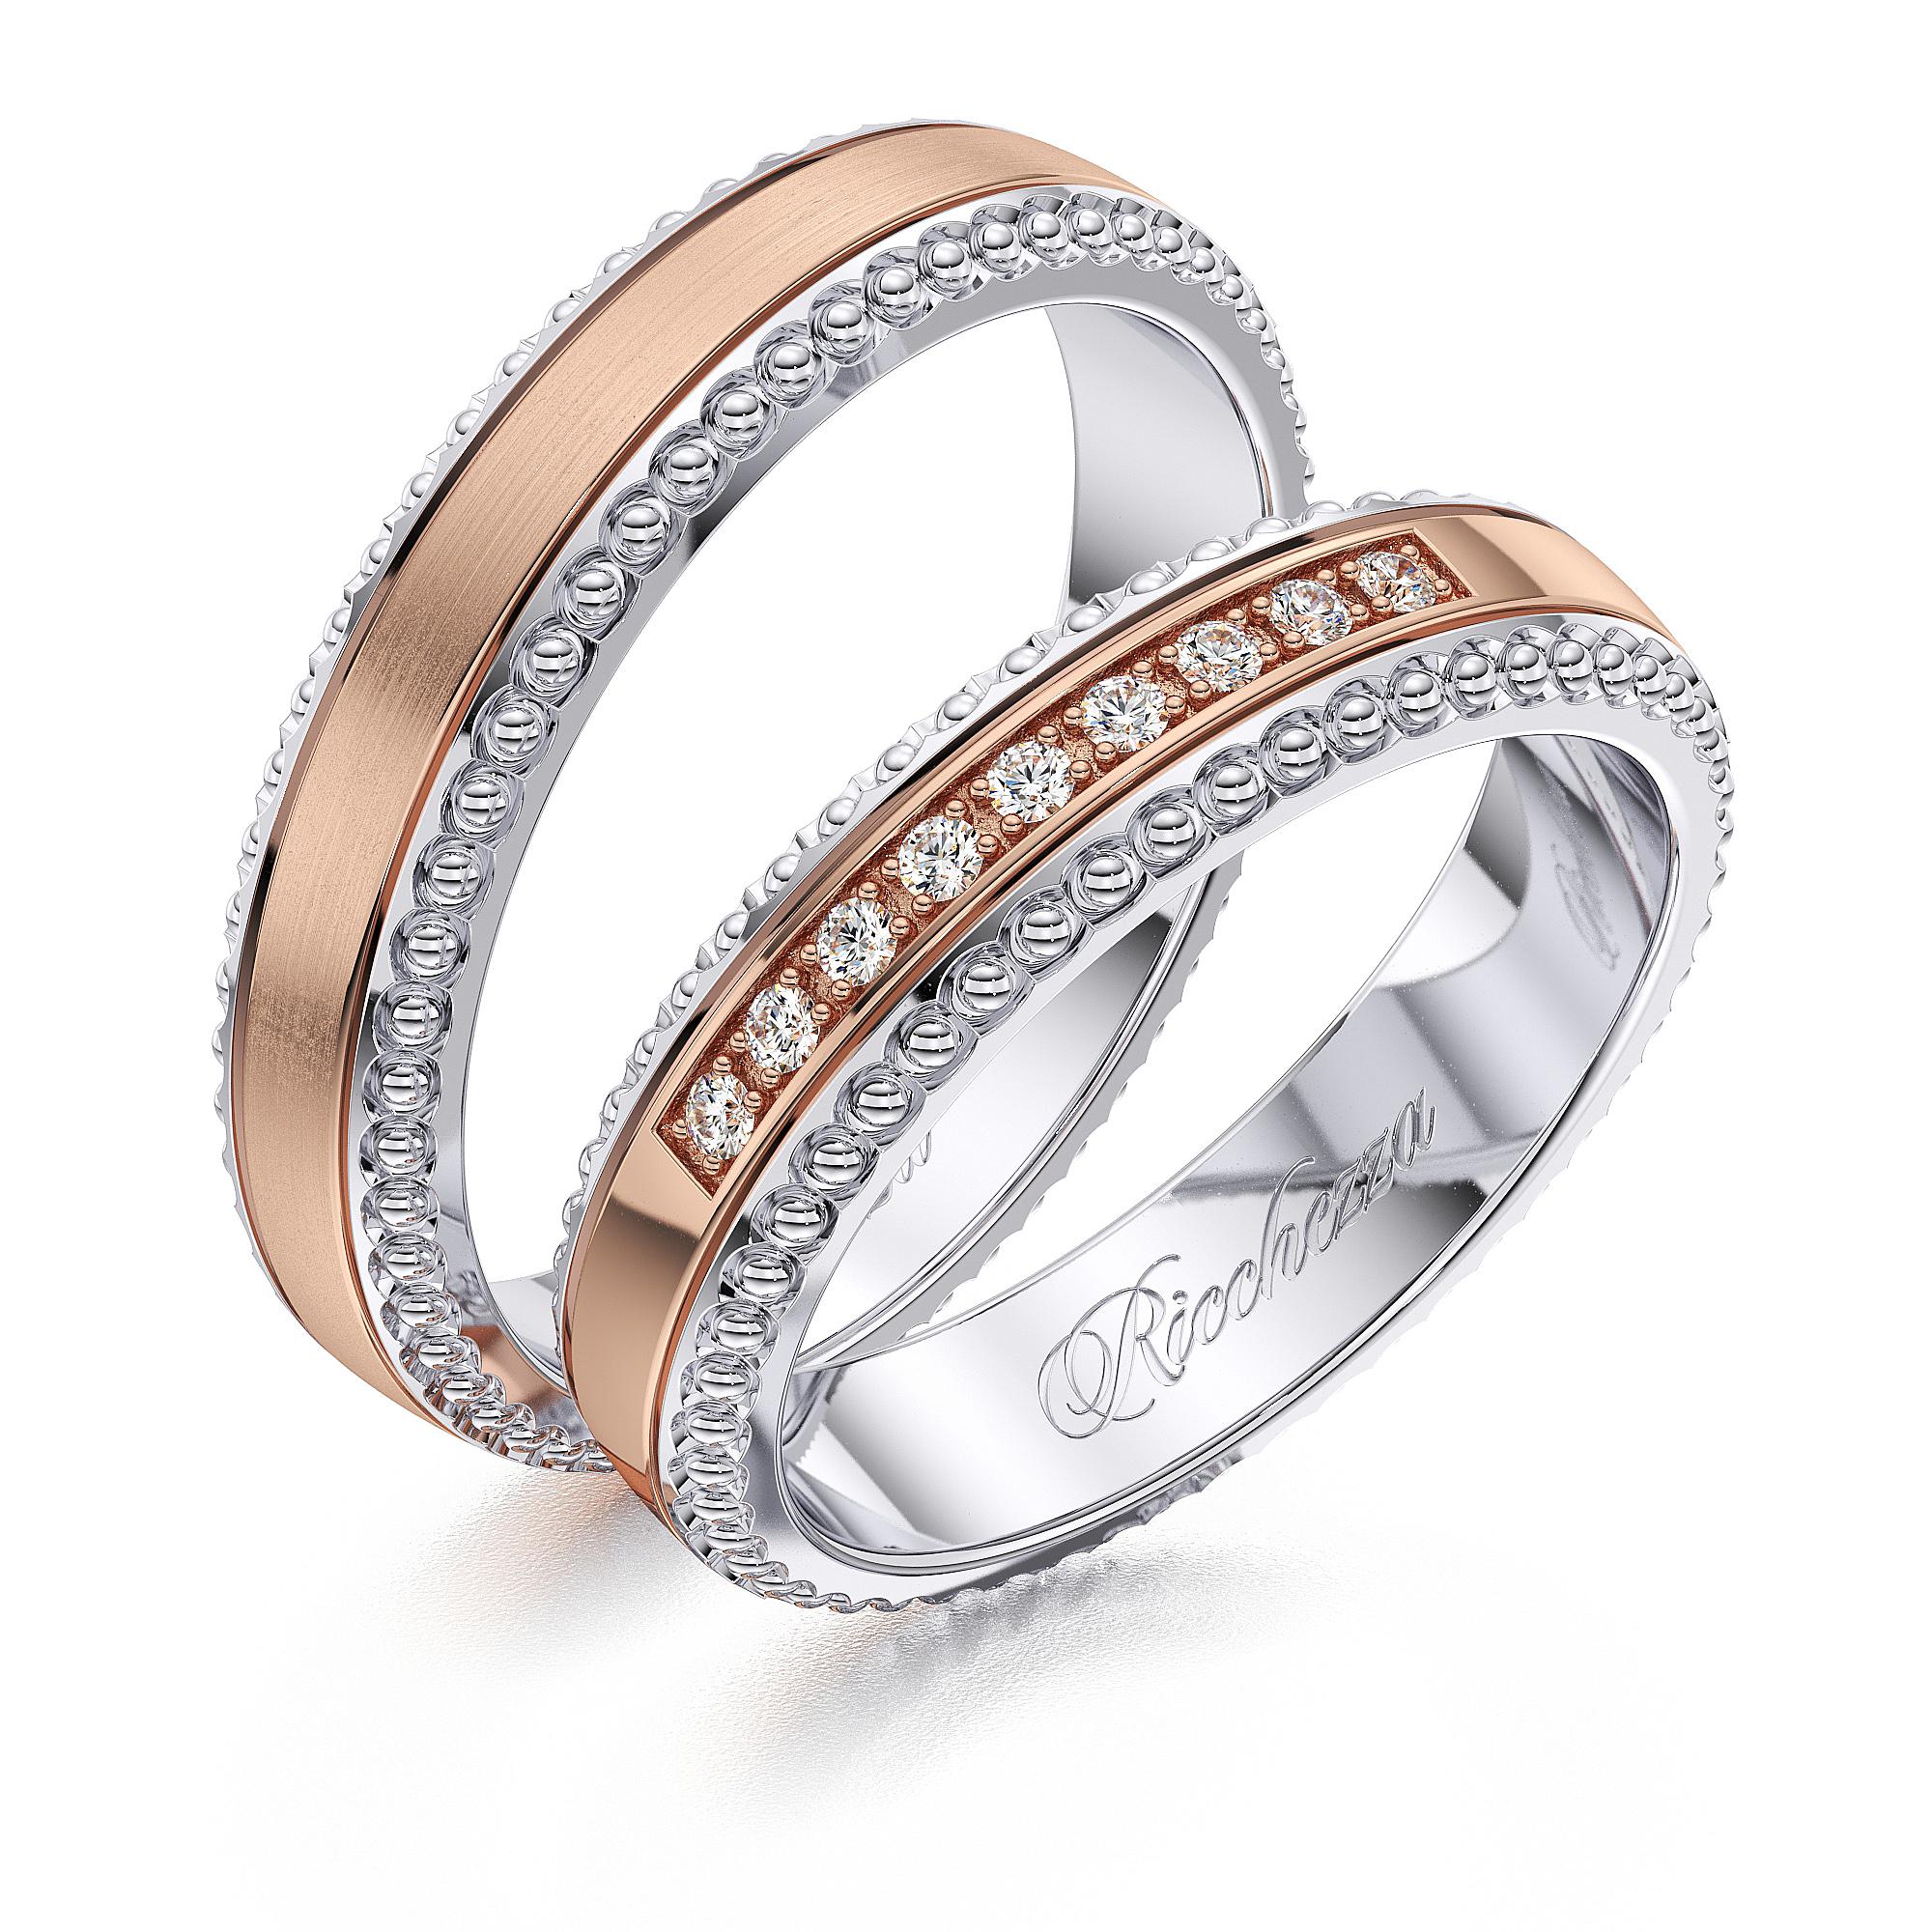 Обручальные кольца NR1806 — Ricchezza — ювелирные изделия 6de0e3ecce9